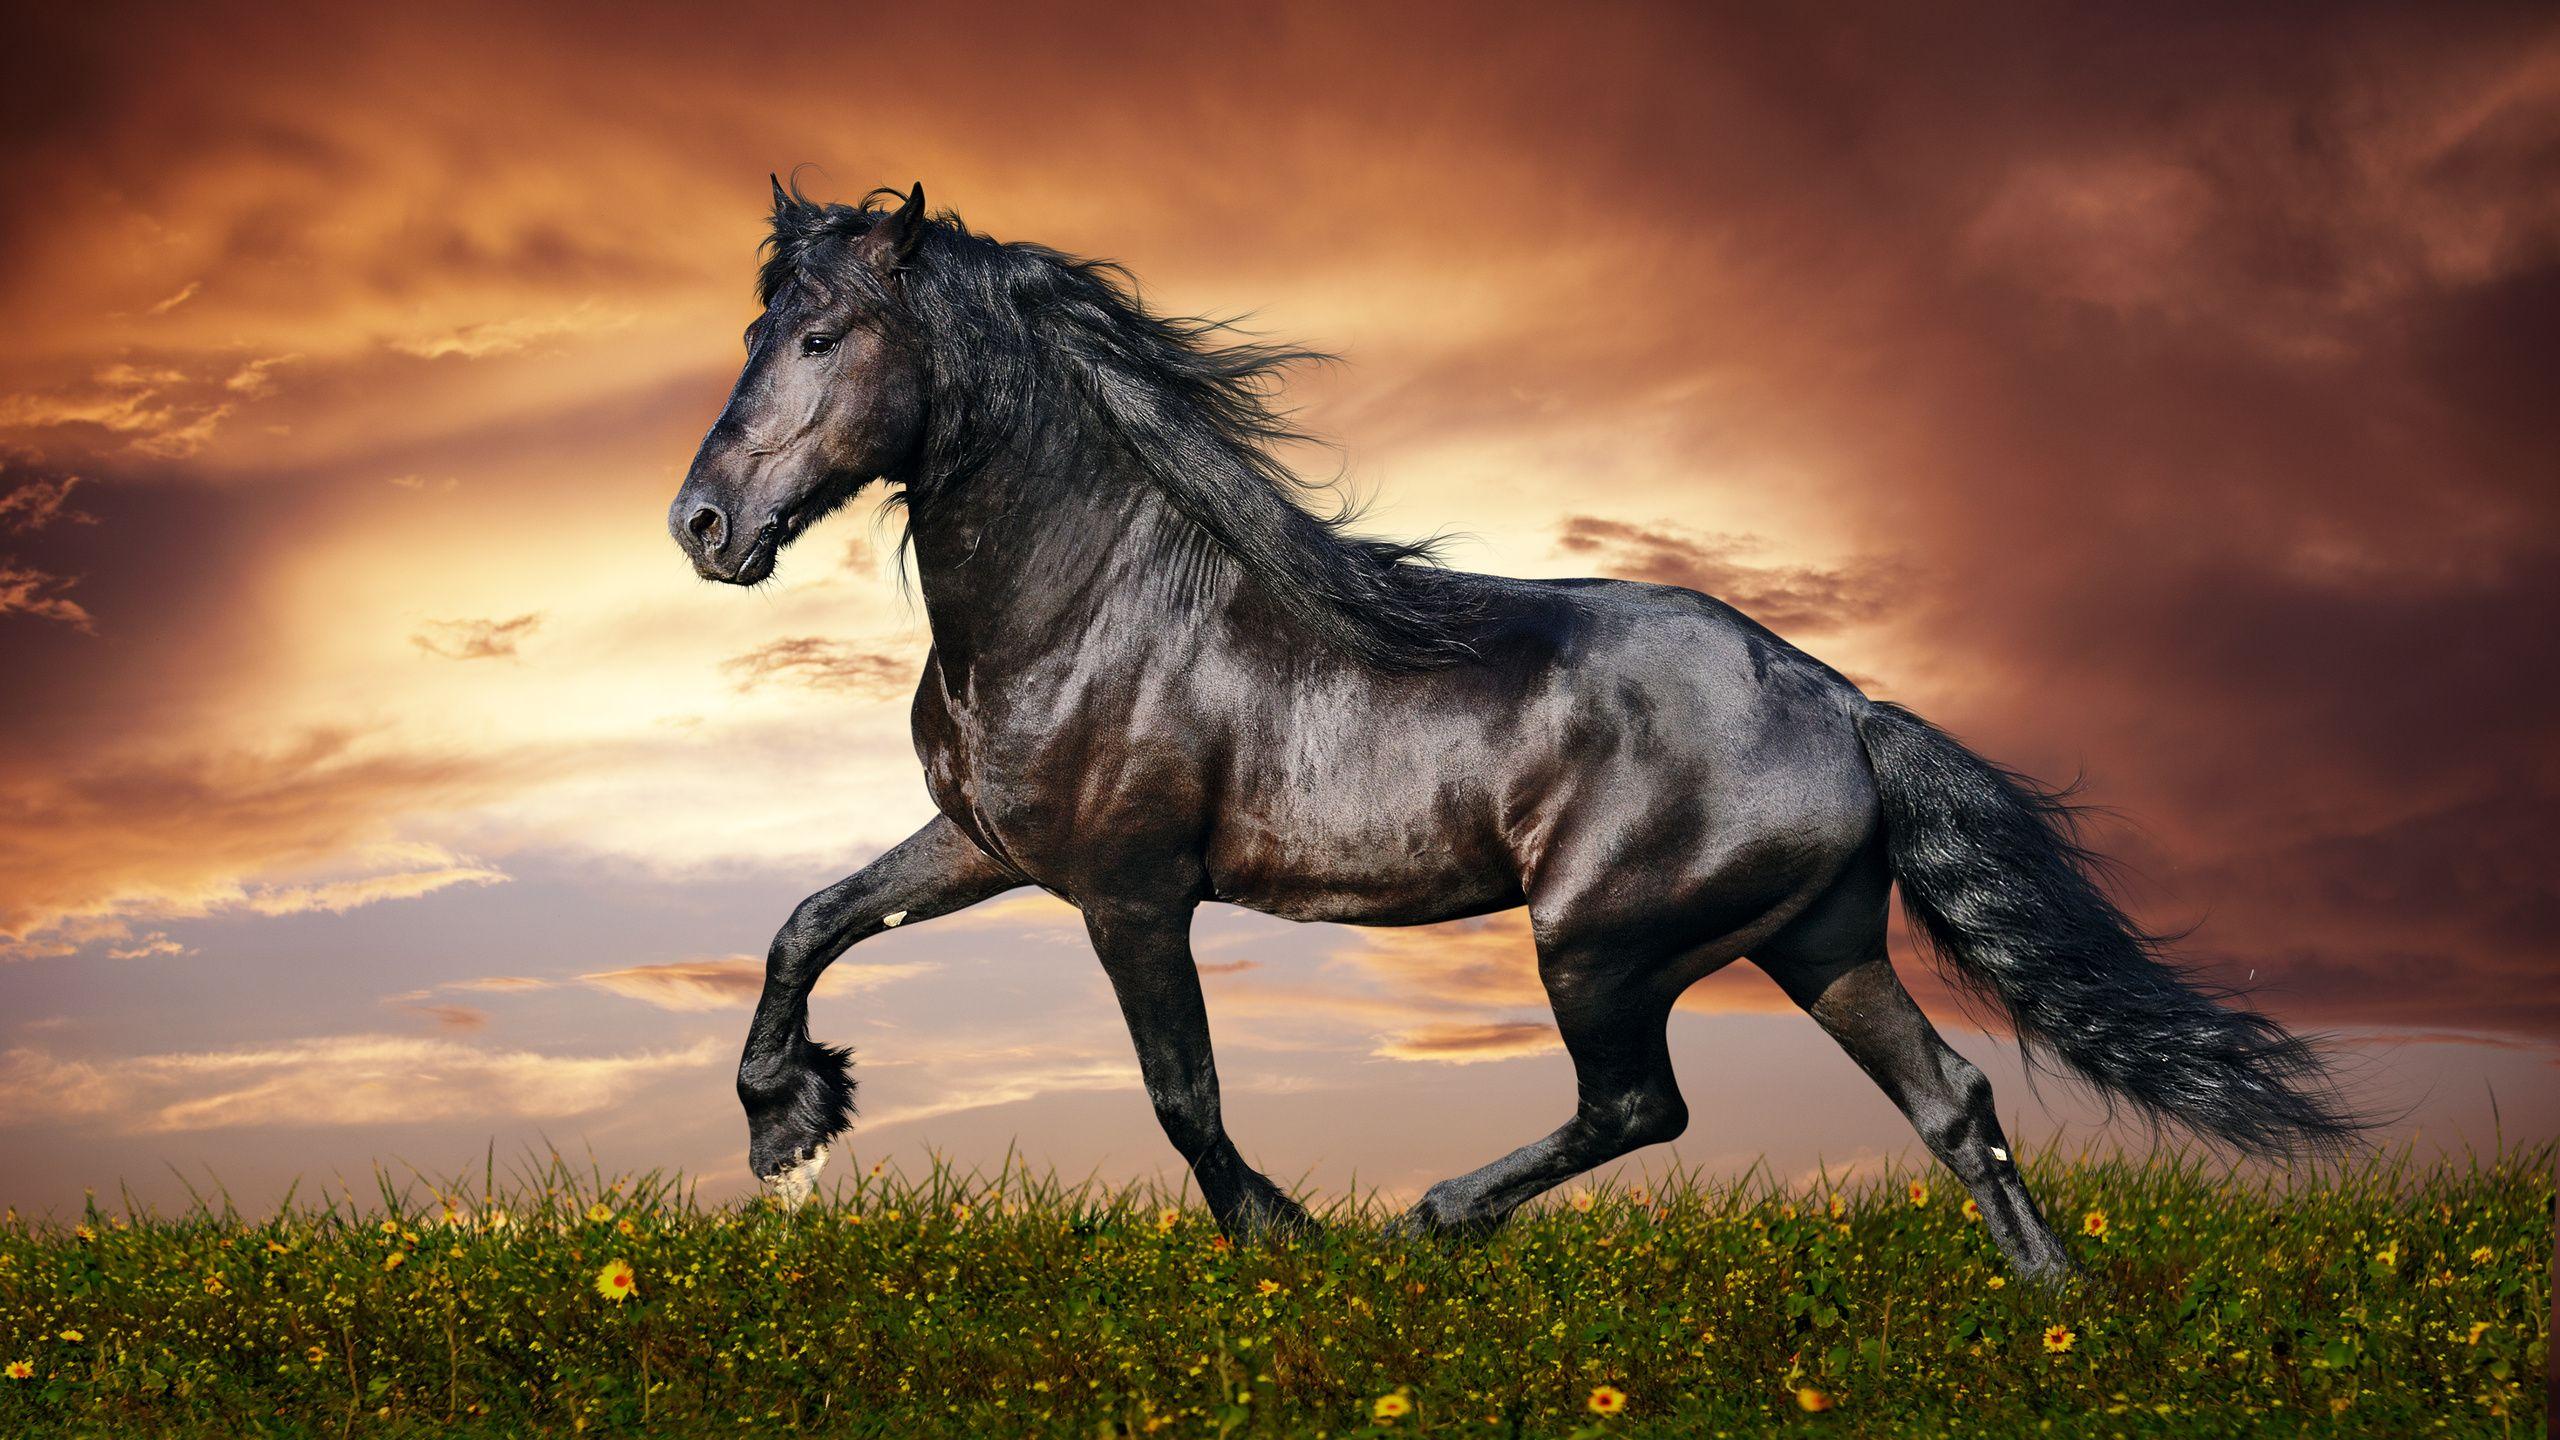 fond dcran hd cheval noir